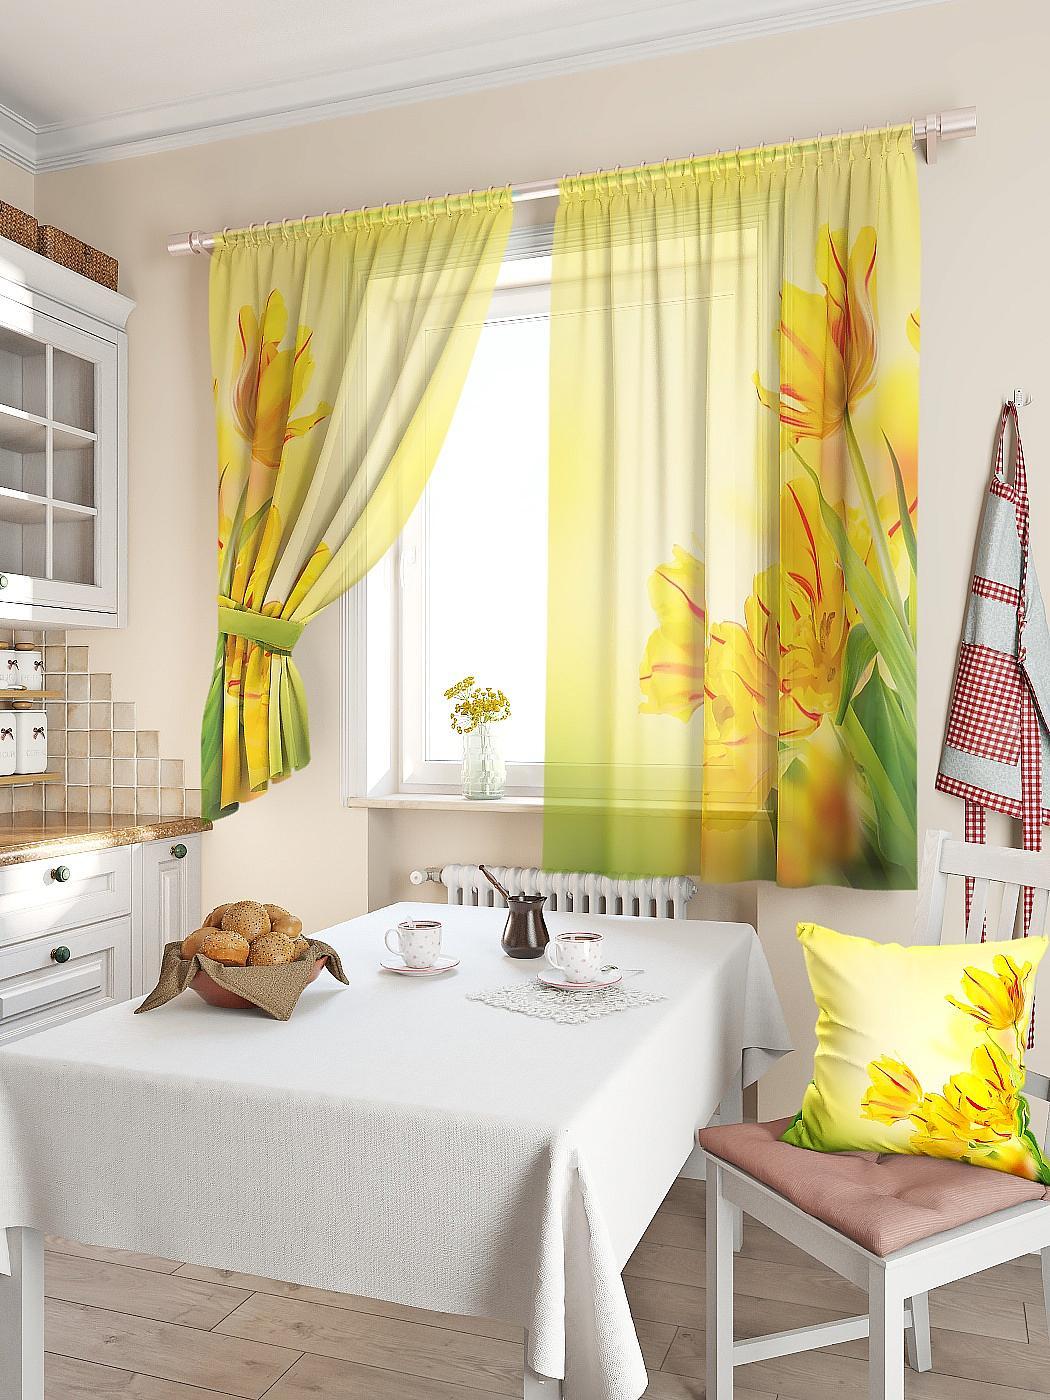 купить Комплект штор Томдом Тис, желтый, зеленый, красный по цене 2840 рублей